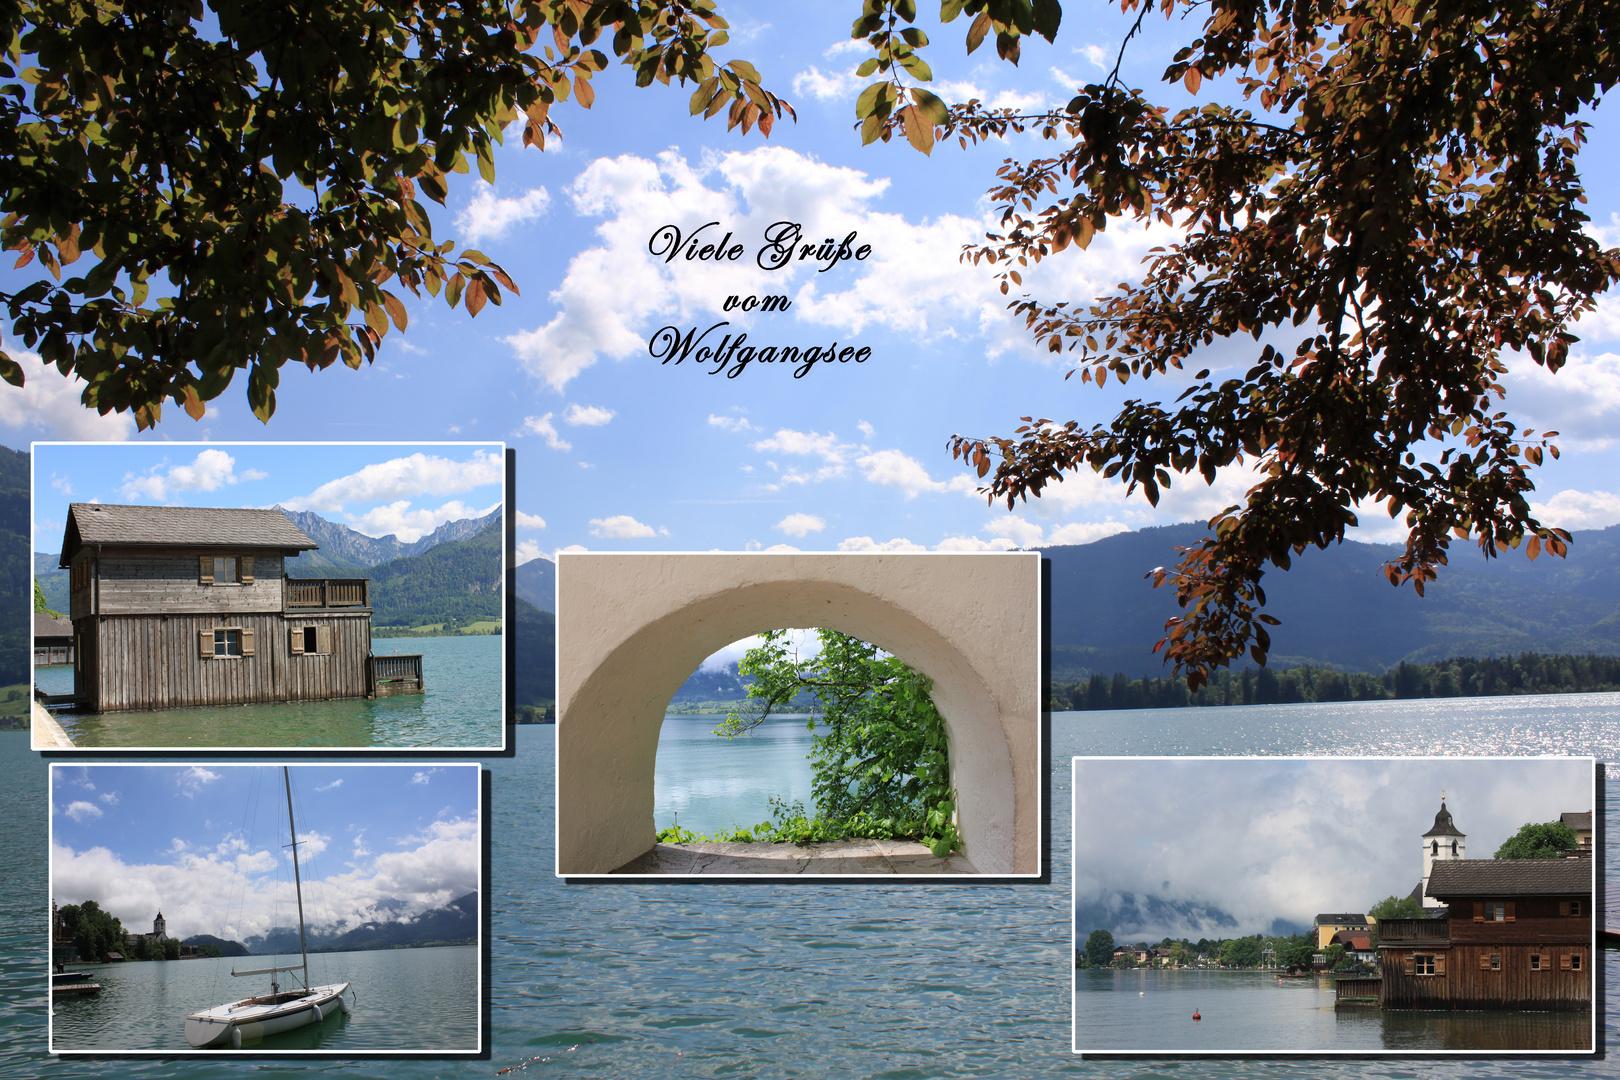 Urlaubsimpressionen aus St. Wolfgang